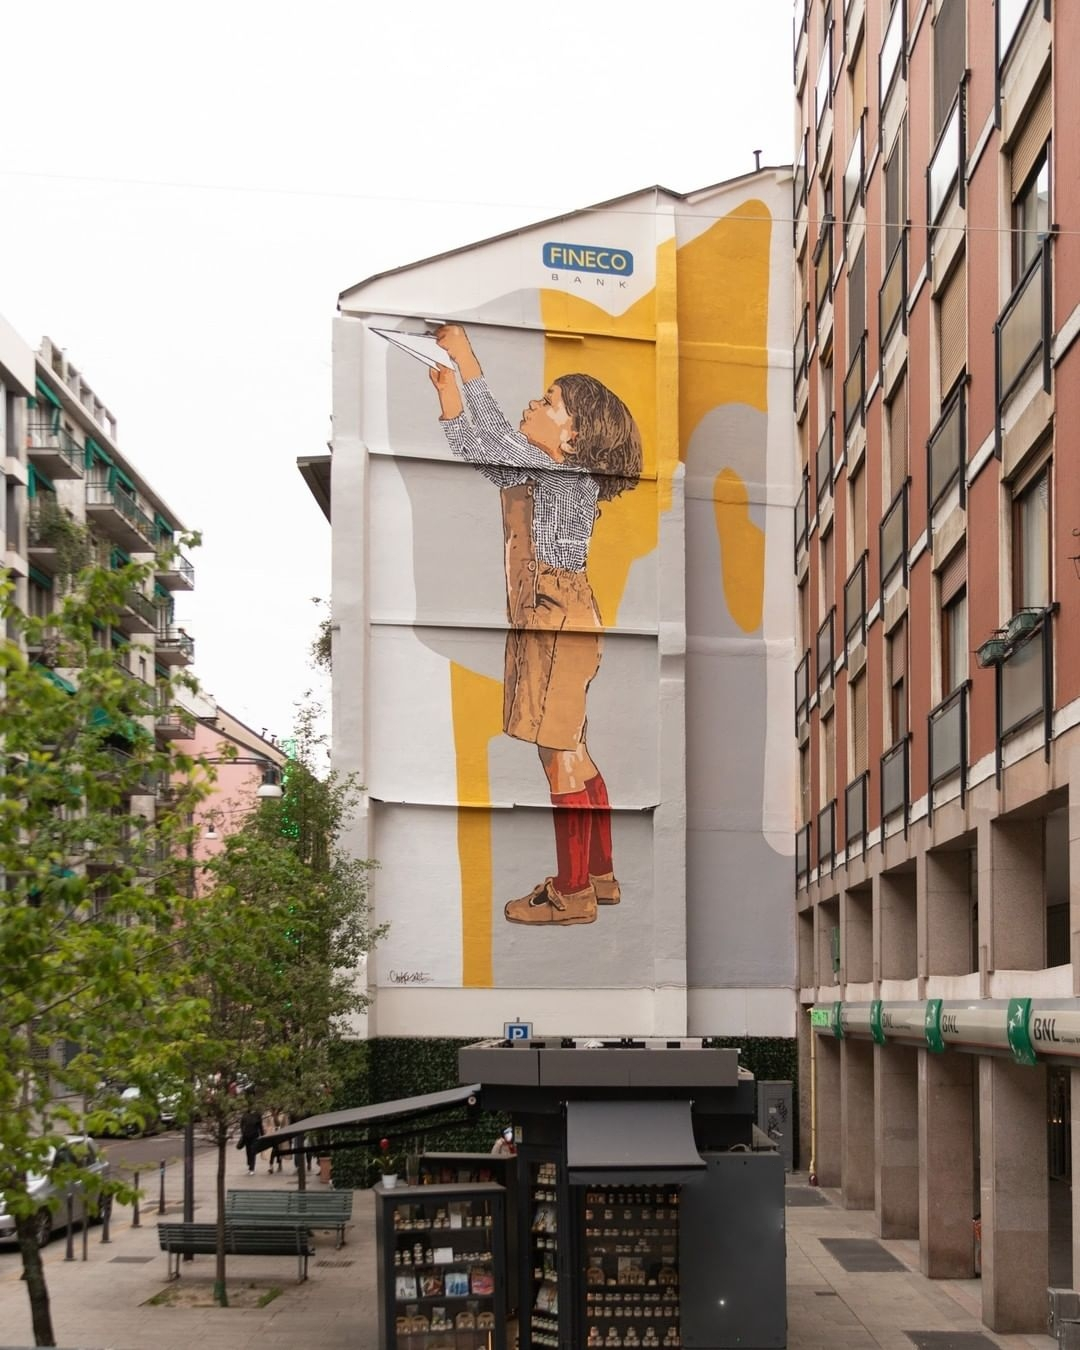 Chekos art @ Milan, Italy